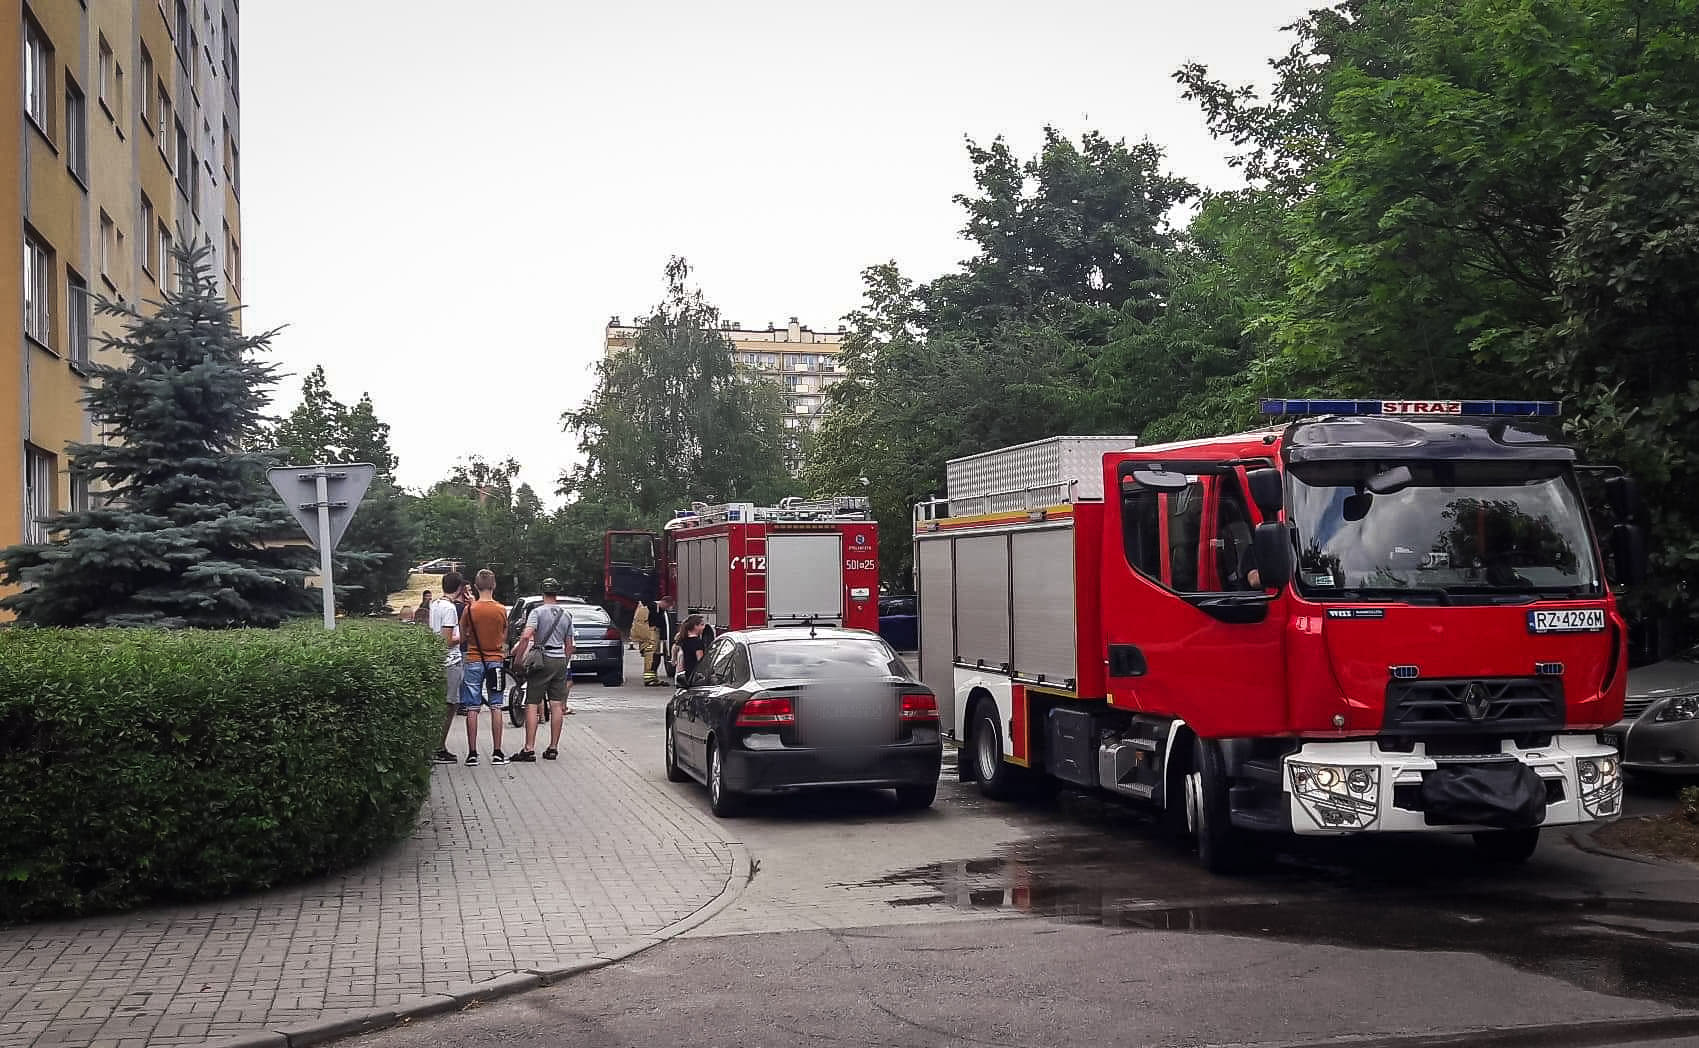 Z OSTATNIEJ CHWILI: Pożar mieszkania w Mielcu! - Zdjęcie główne